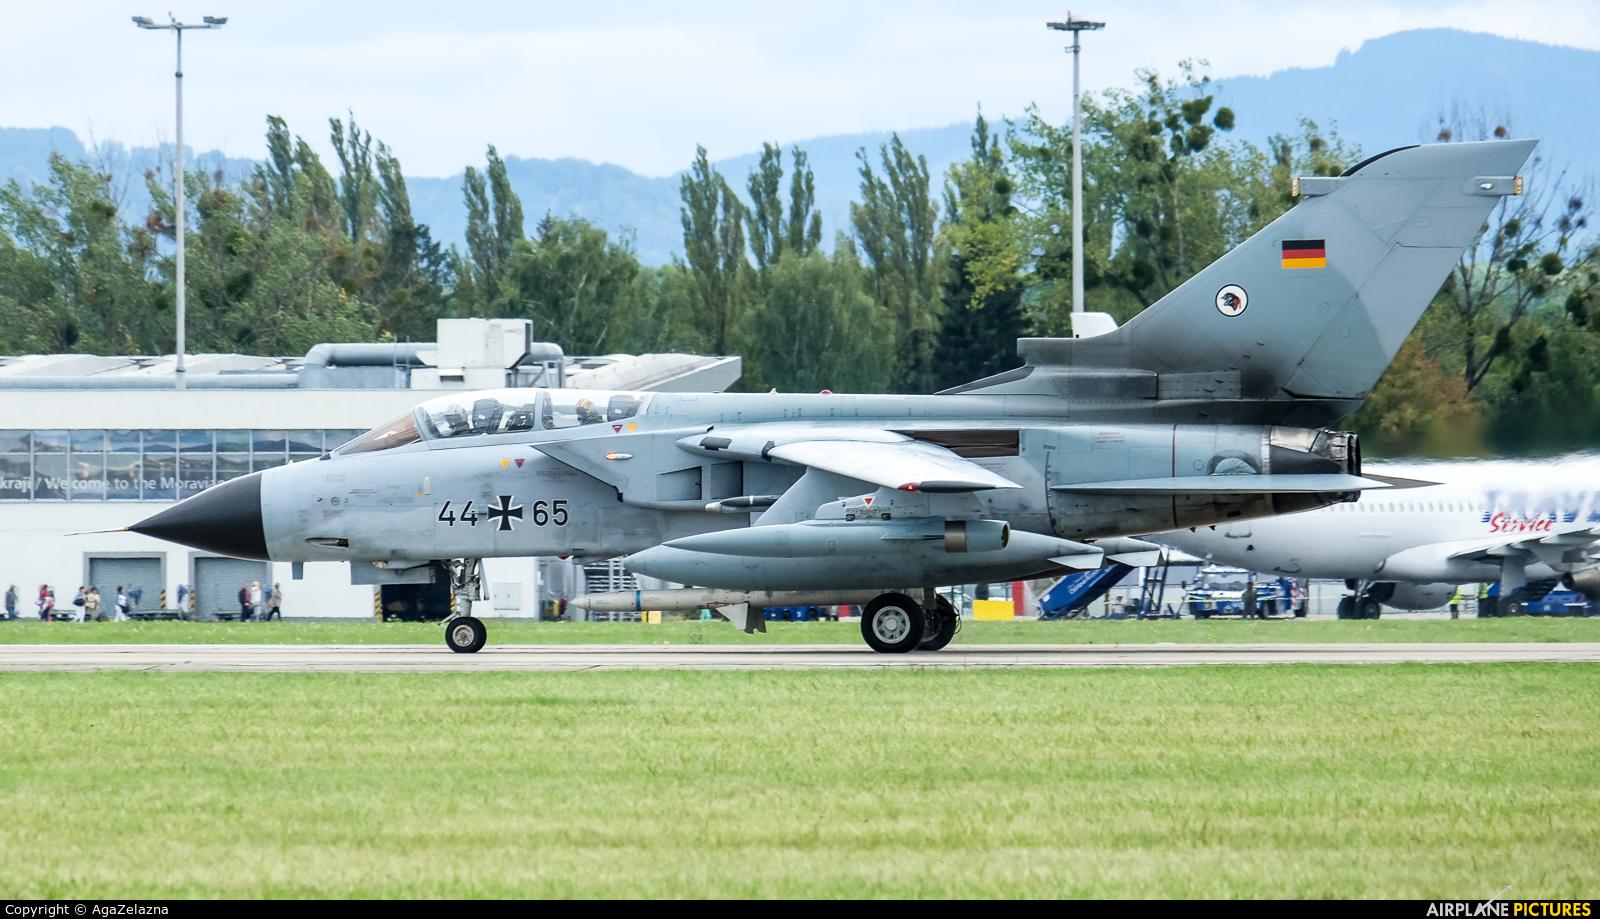 Germany - Air Force 44+65 aircraft at Ostrava Mošnov